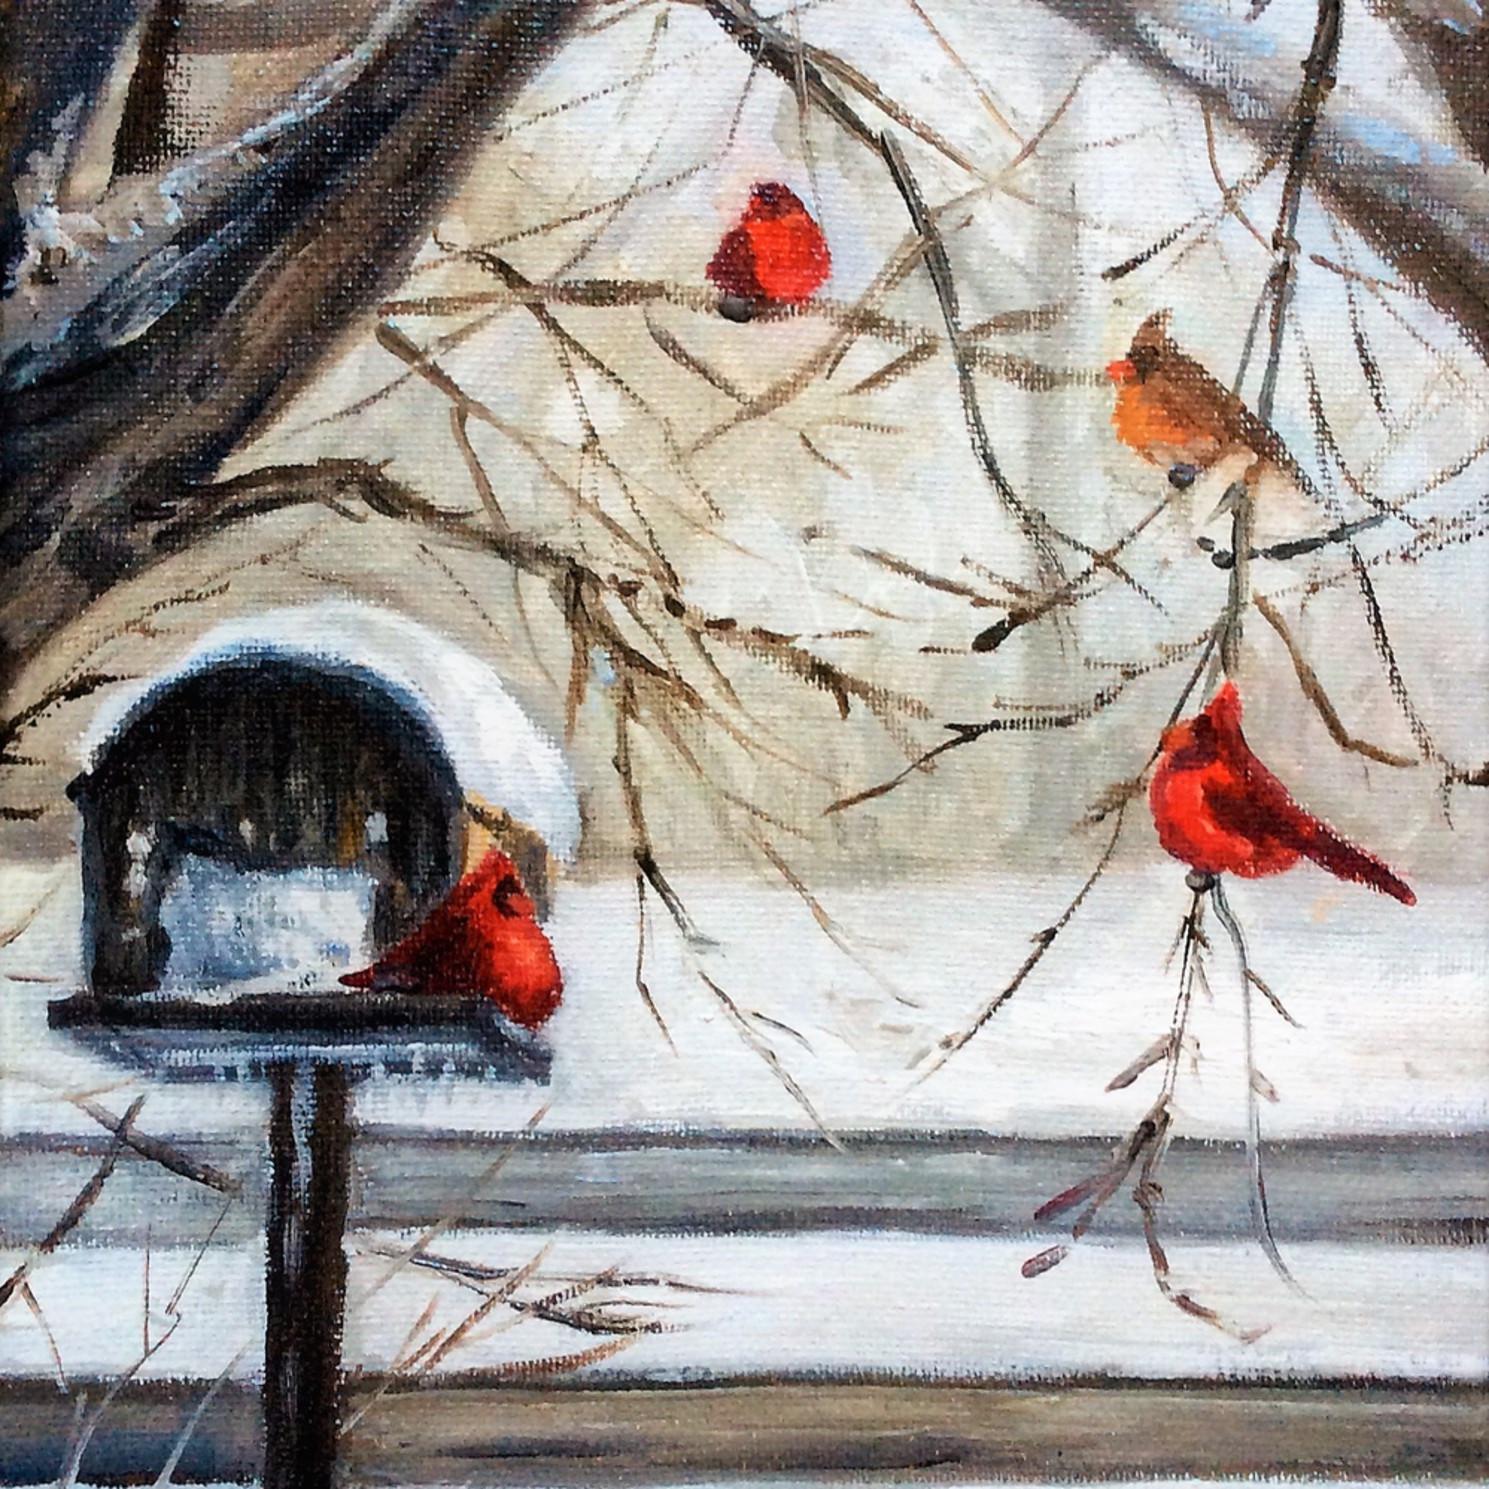 Cardinals mpmovc